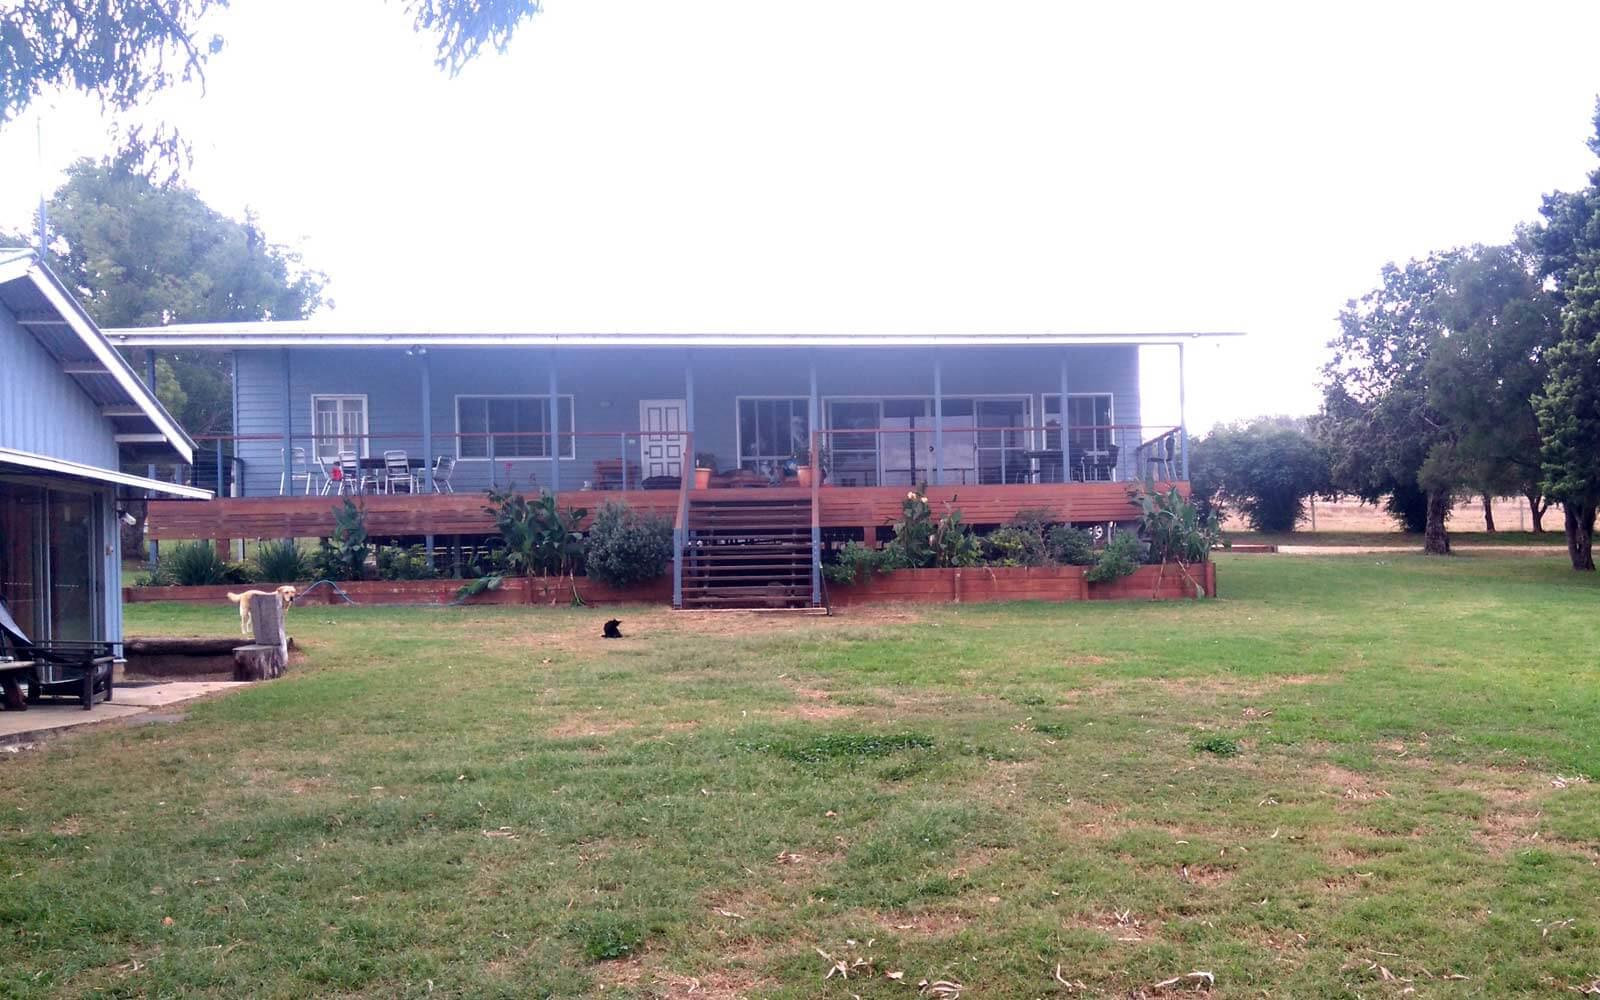 Wohncontainer auf der Trainingsfarm in Australien